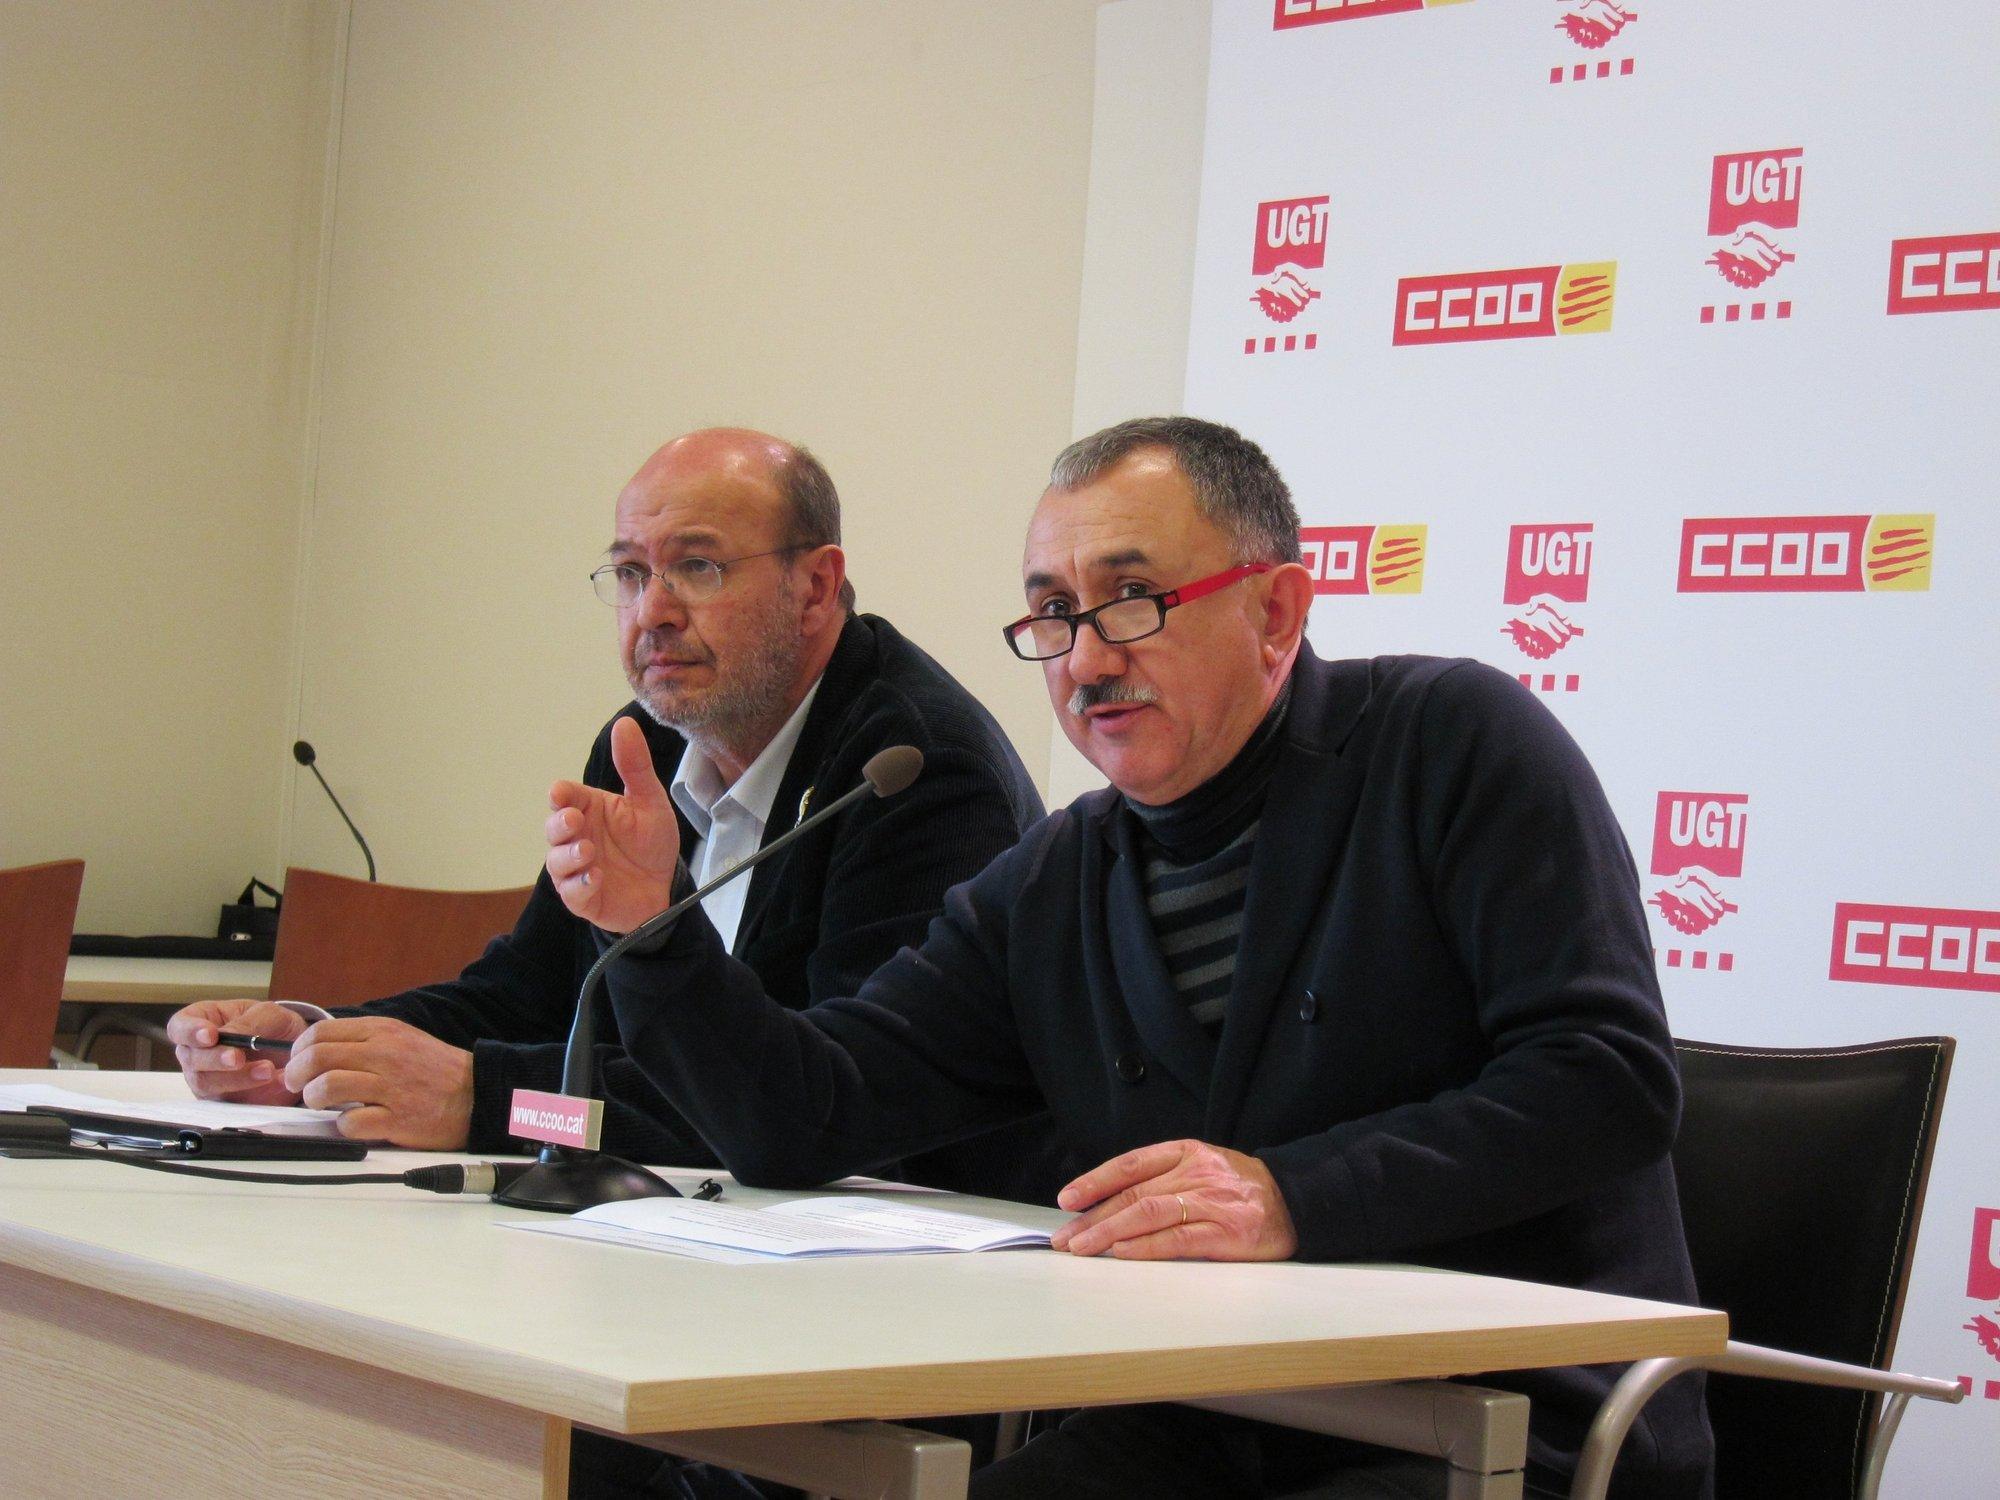 Los sindicatos catalanes esperan una gran participación en las manifestaciones contra la reforma laboral